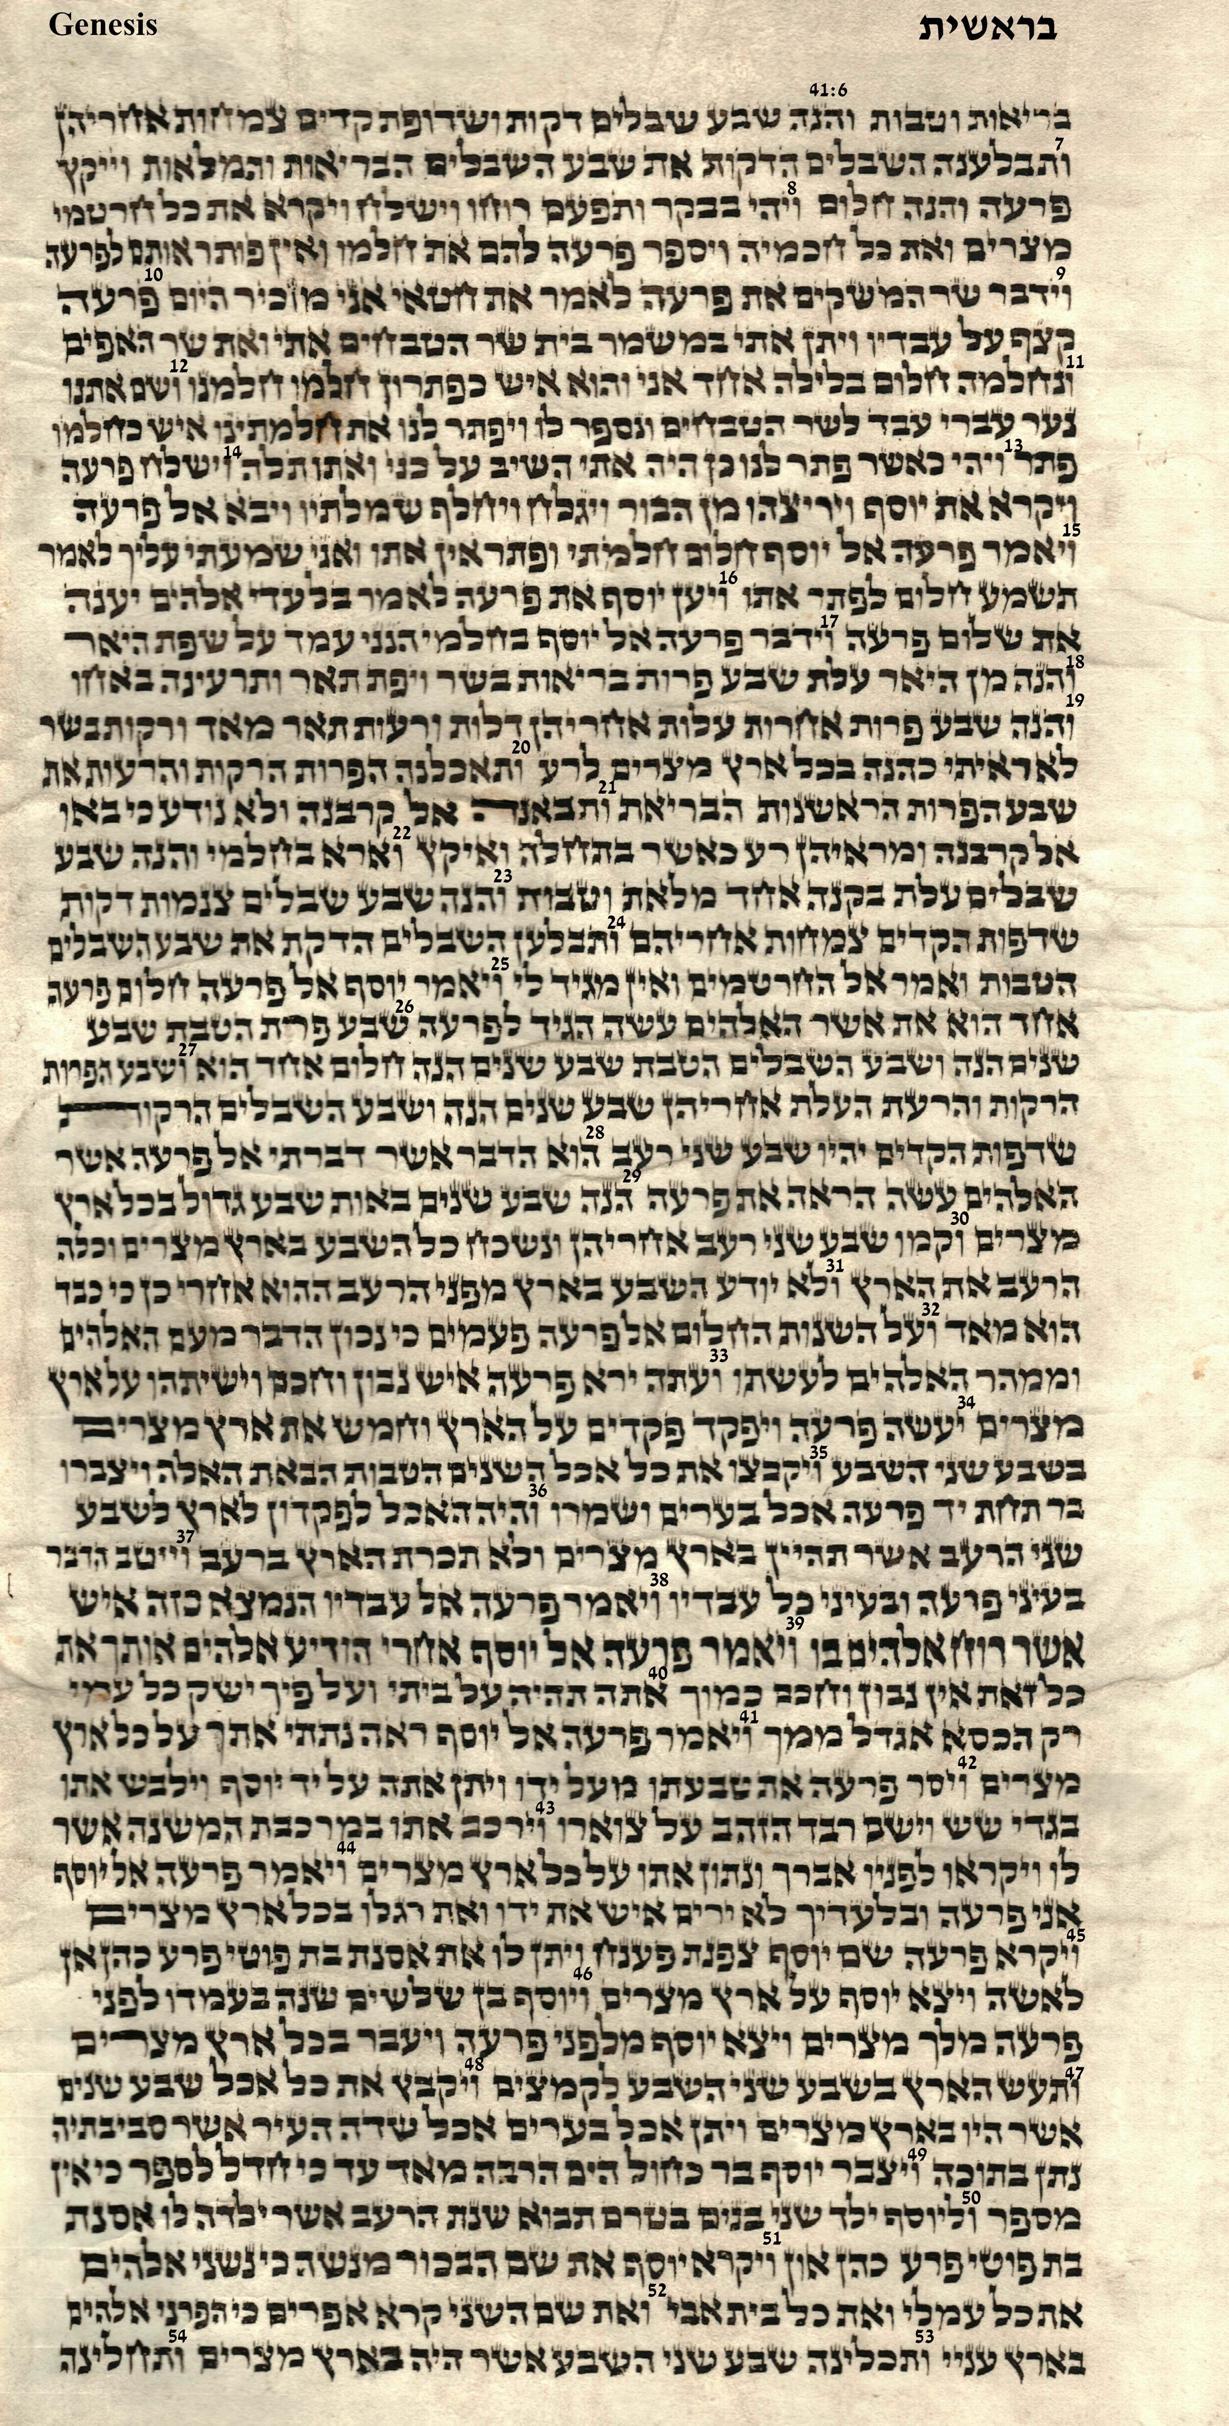 Genesis 41.6 - 41.54